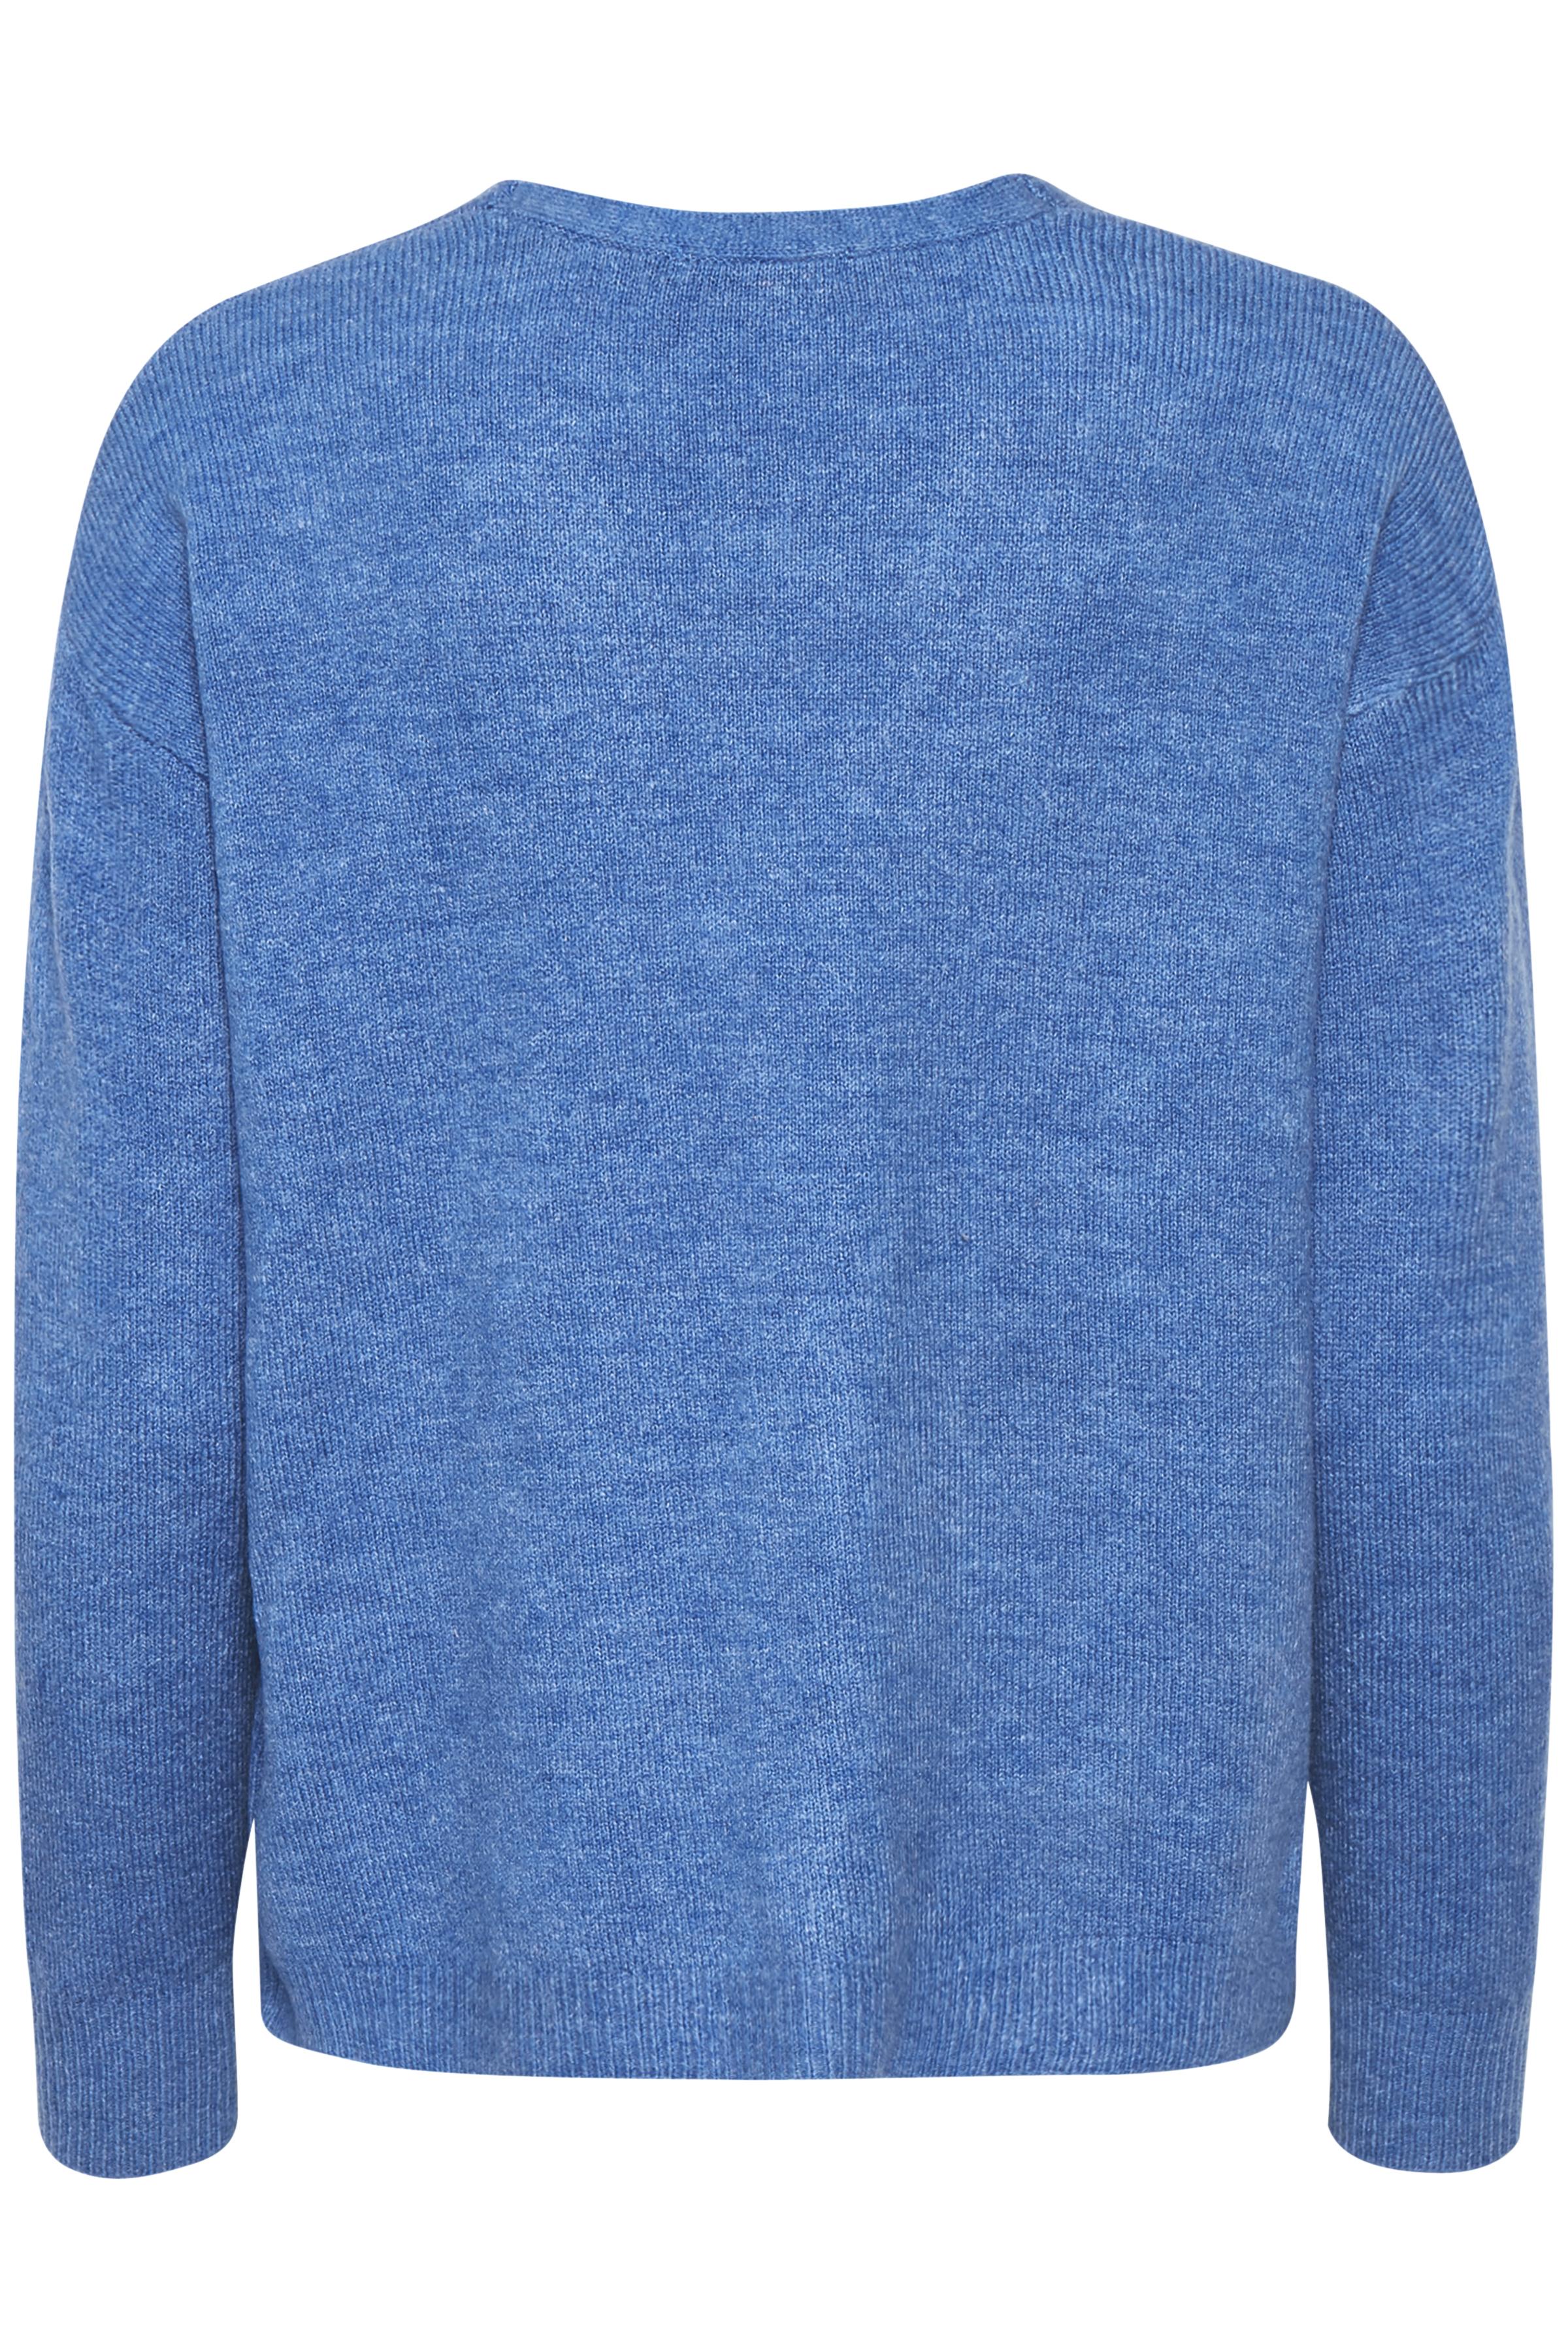 Blau meliert Strick-Cardigan von Dranella – Shoppen Sie Blau meliert Strick-Cardigan ab Gr. XS-XXL hier